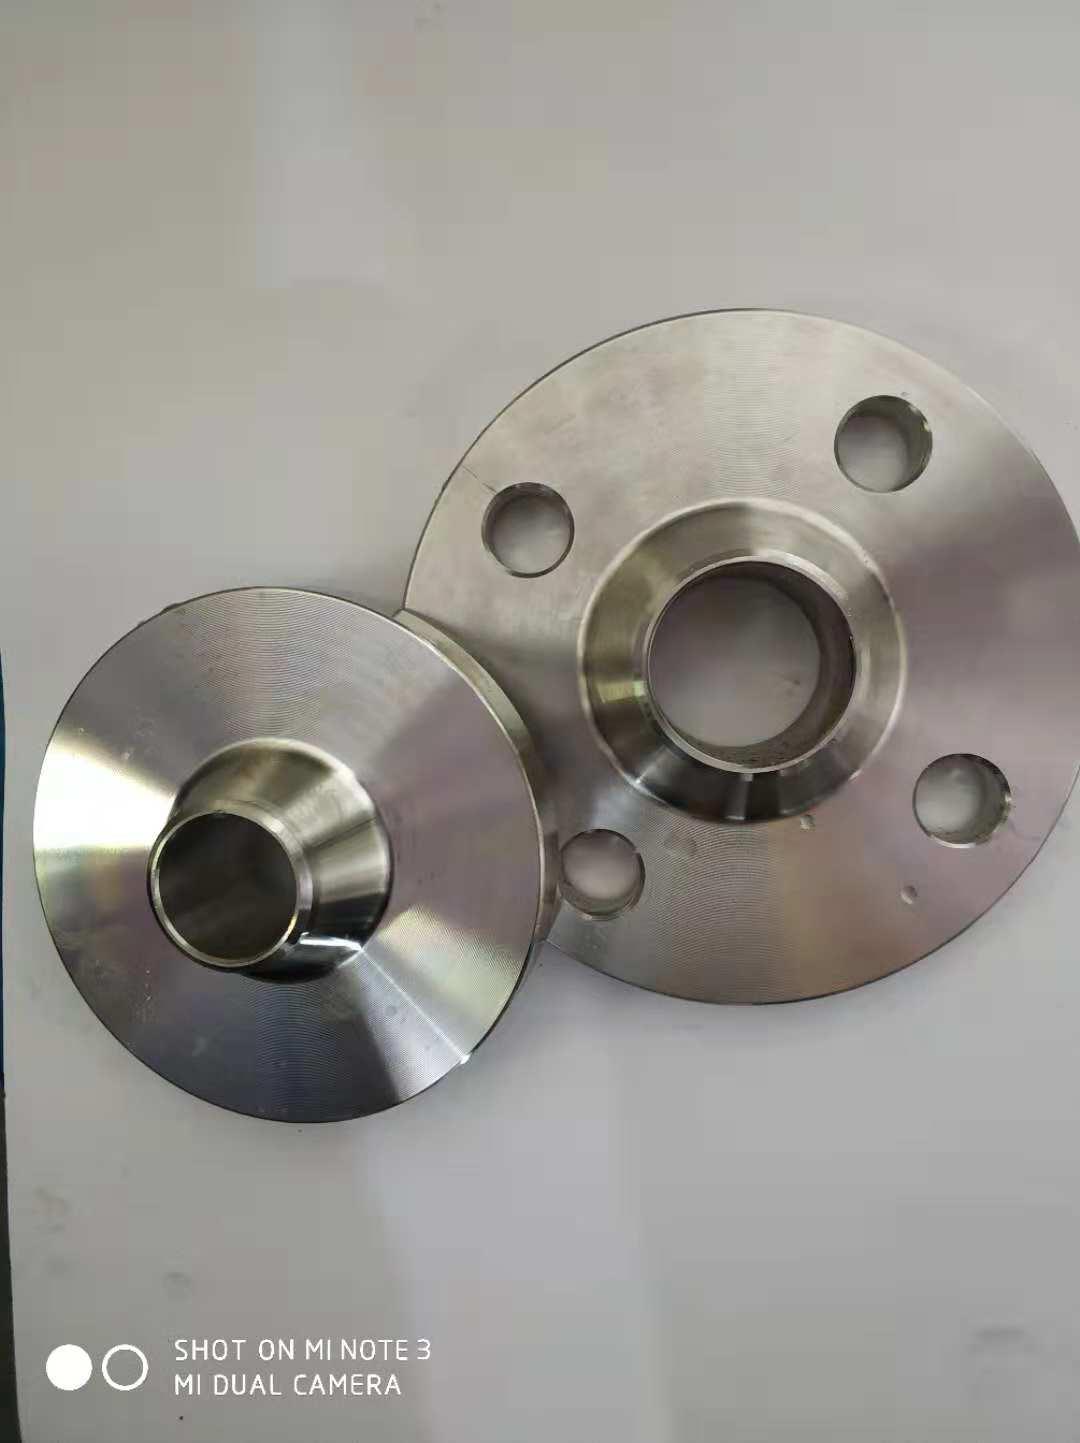 铸铁法兰片报价,碳钢法兰片种类,合金钢法兰片型号种类,不锈钢法兰片图片,